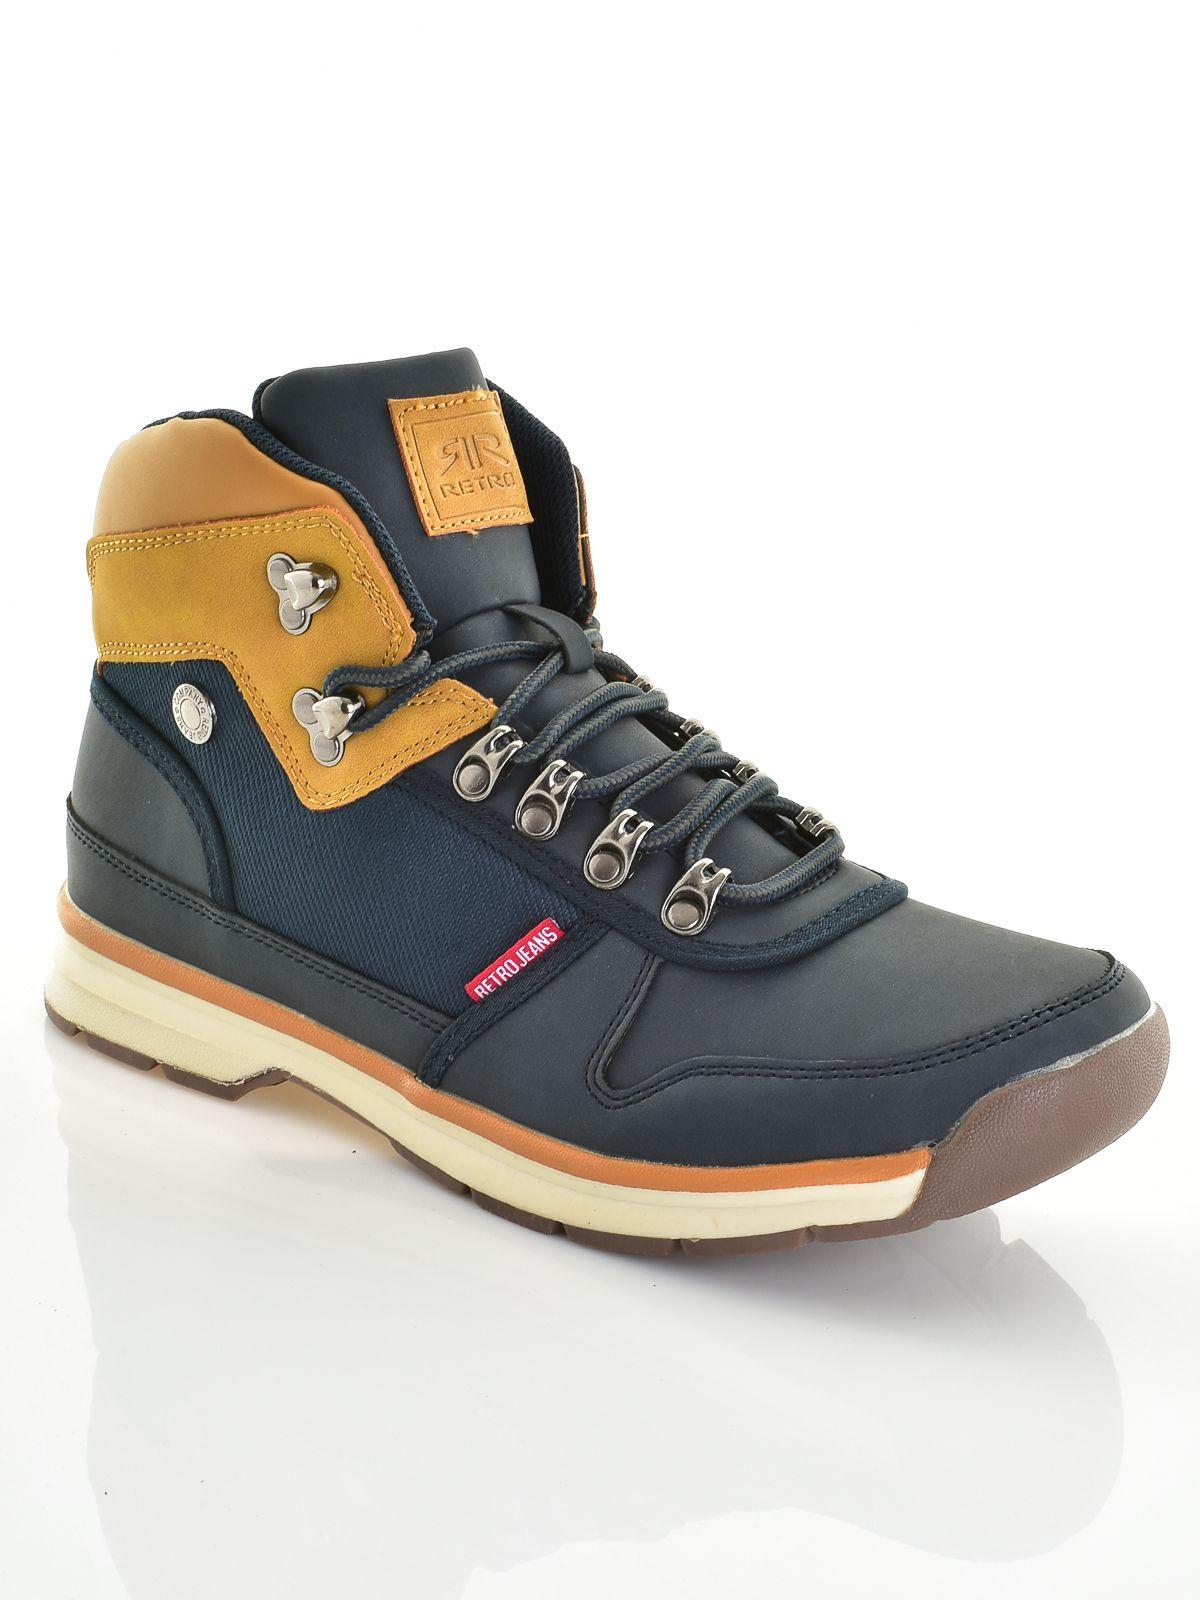 Retro Hivatalos Lionel Férfi BootsMarkasbolt Bakancs Jeans hu 0Ok8nNwPX